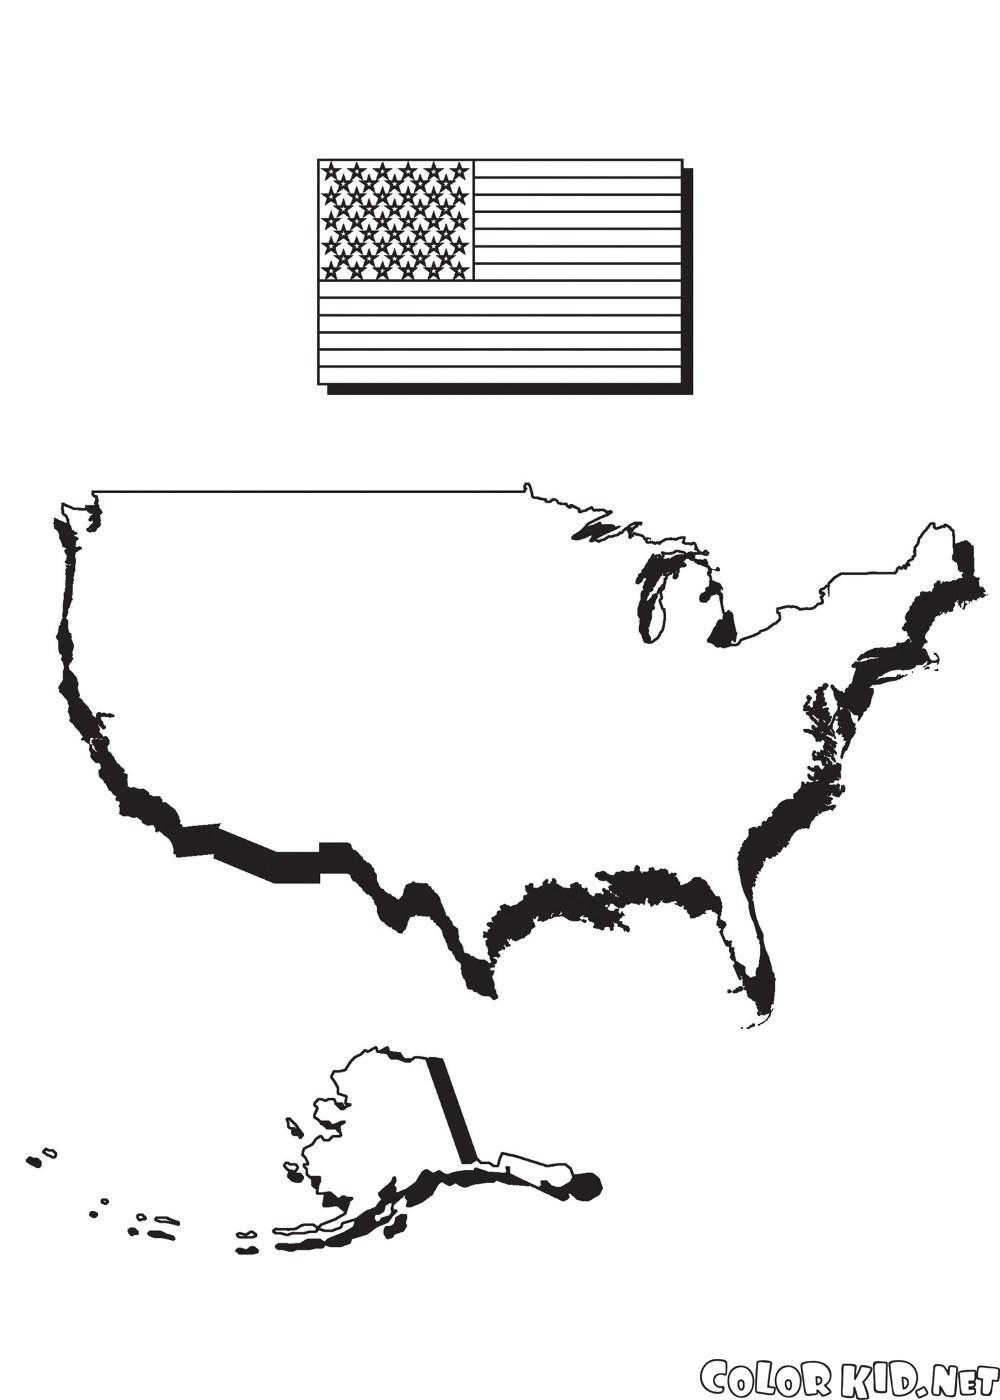 Mapa da América ea bandeira